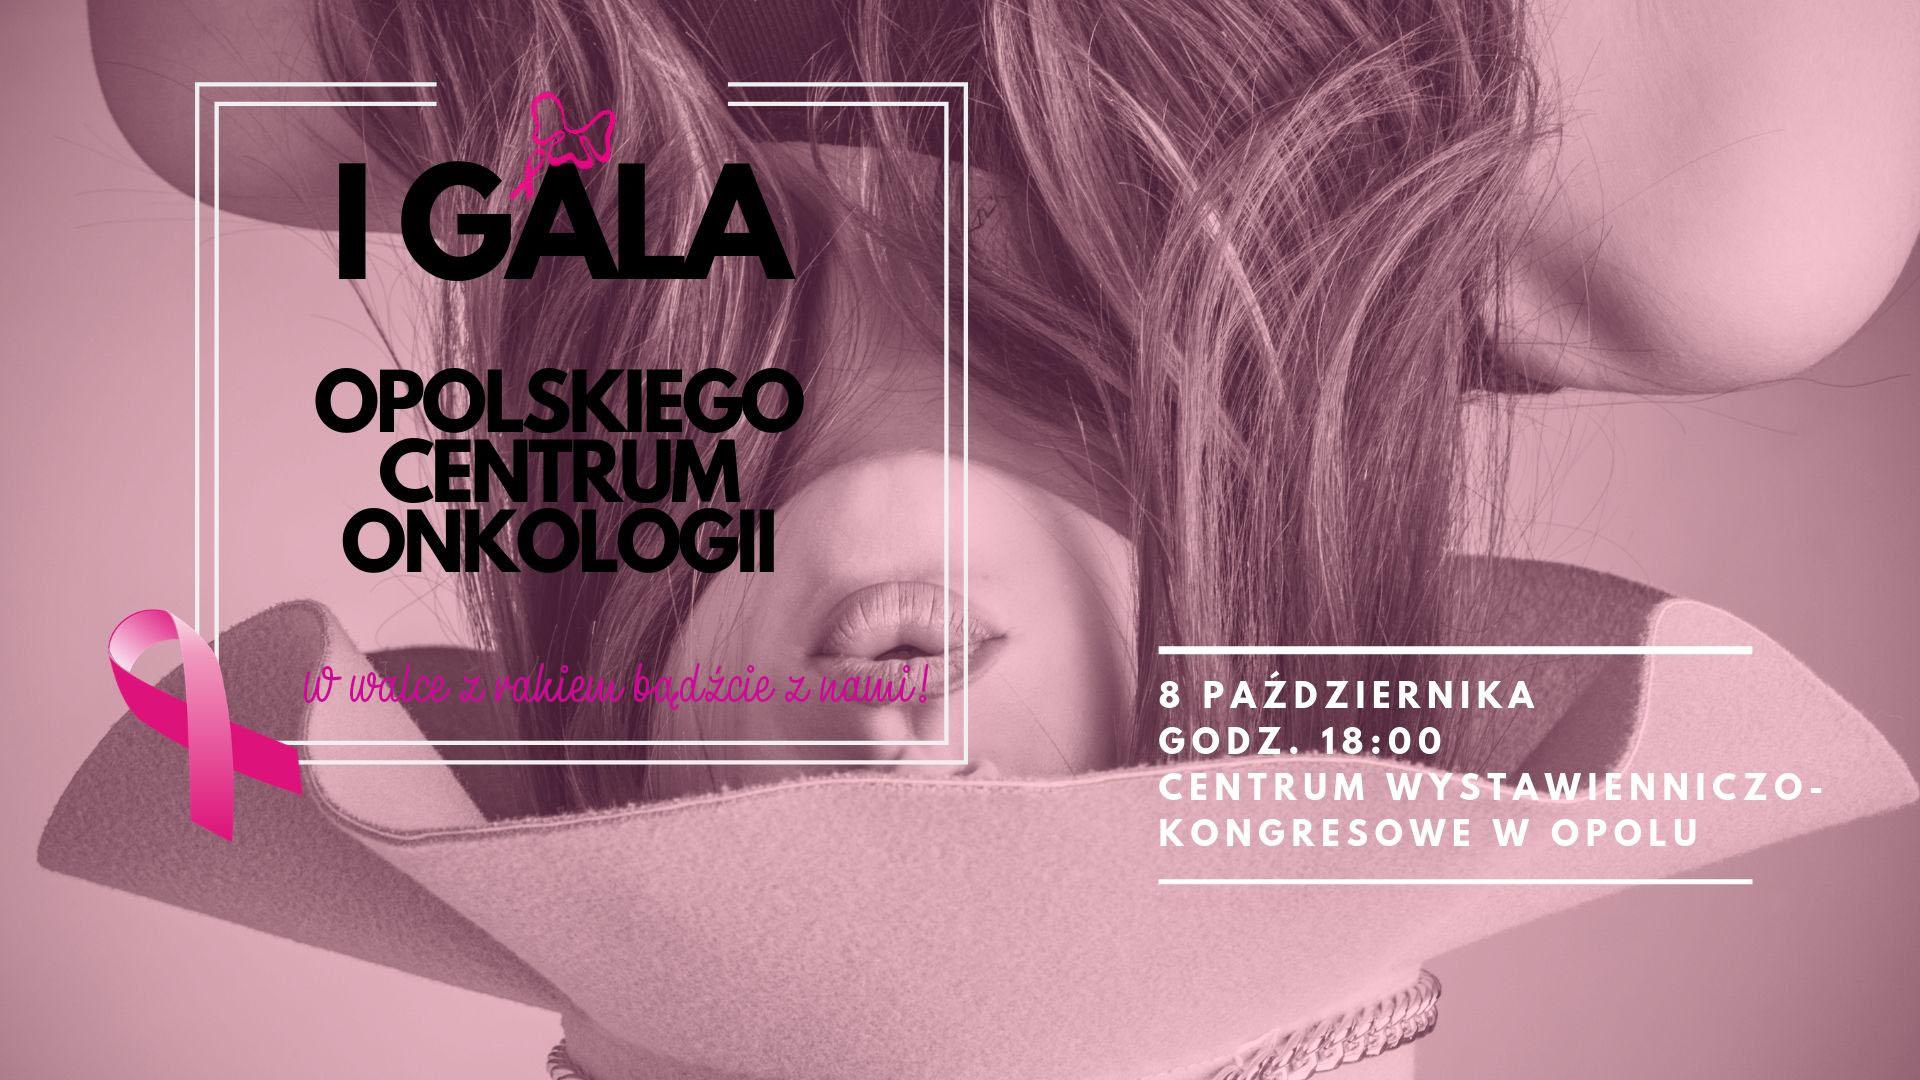 I Gala Opolskiego Centrum Onkologii